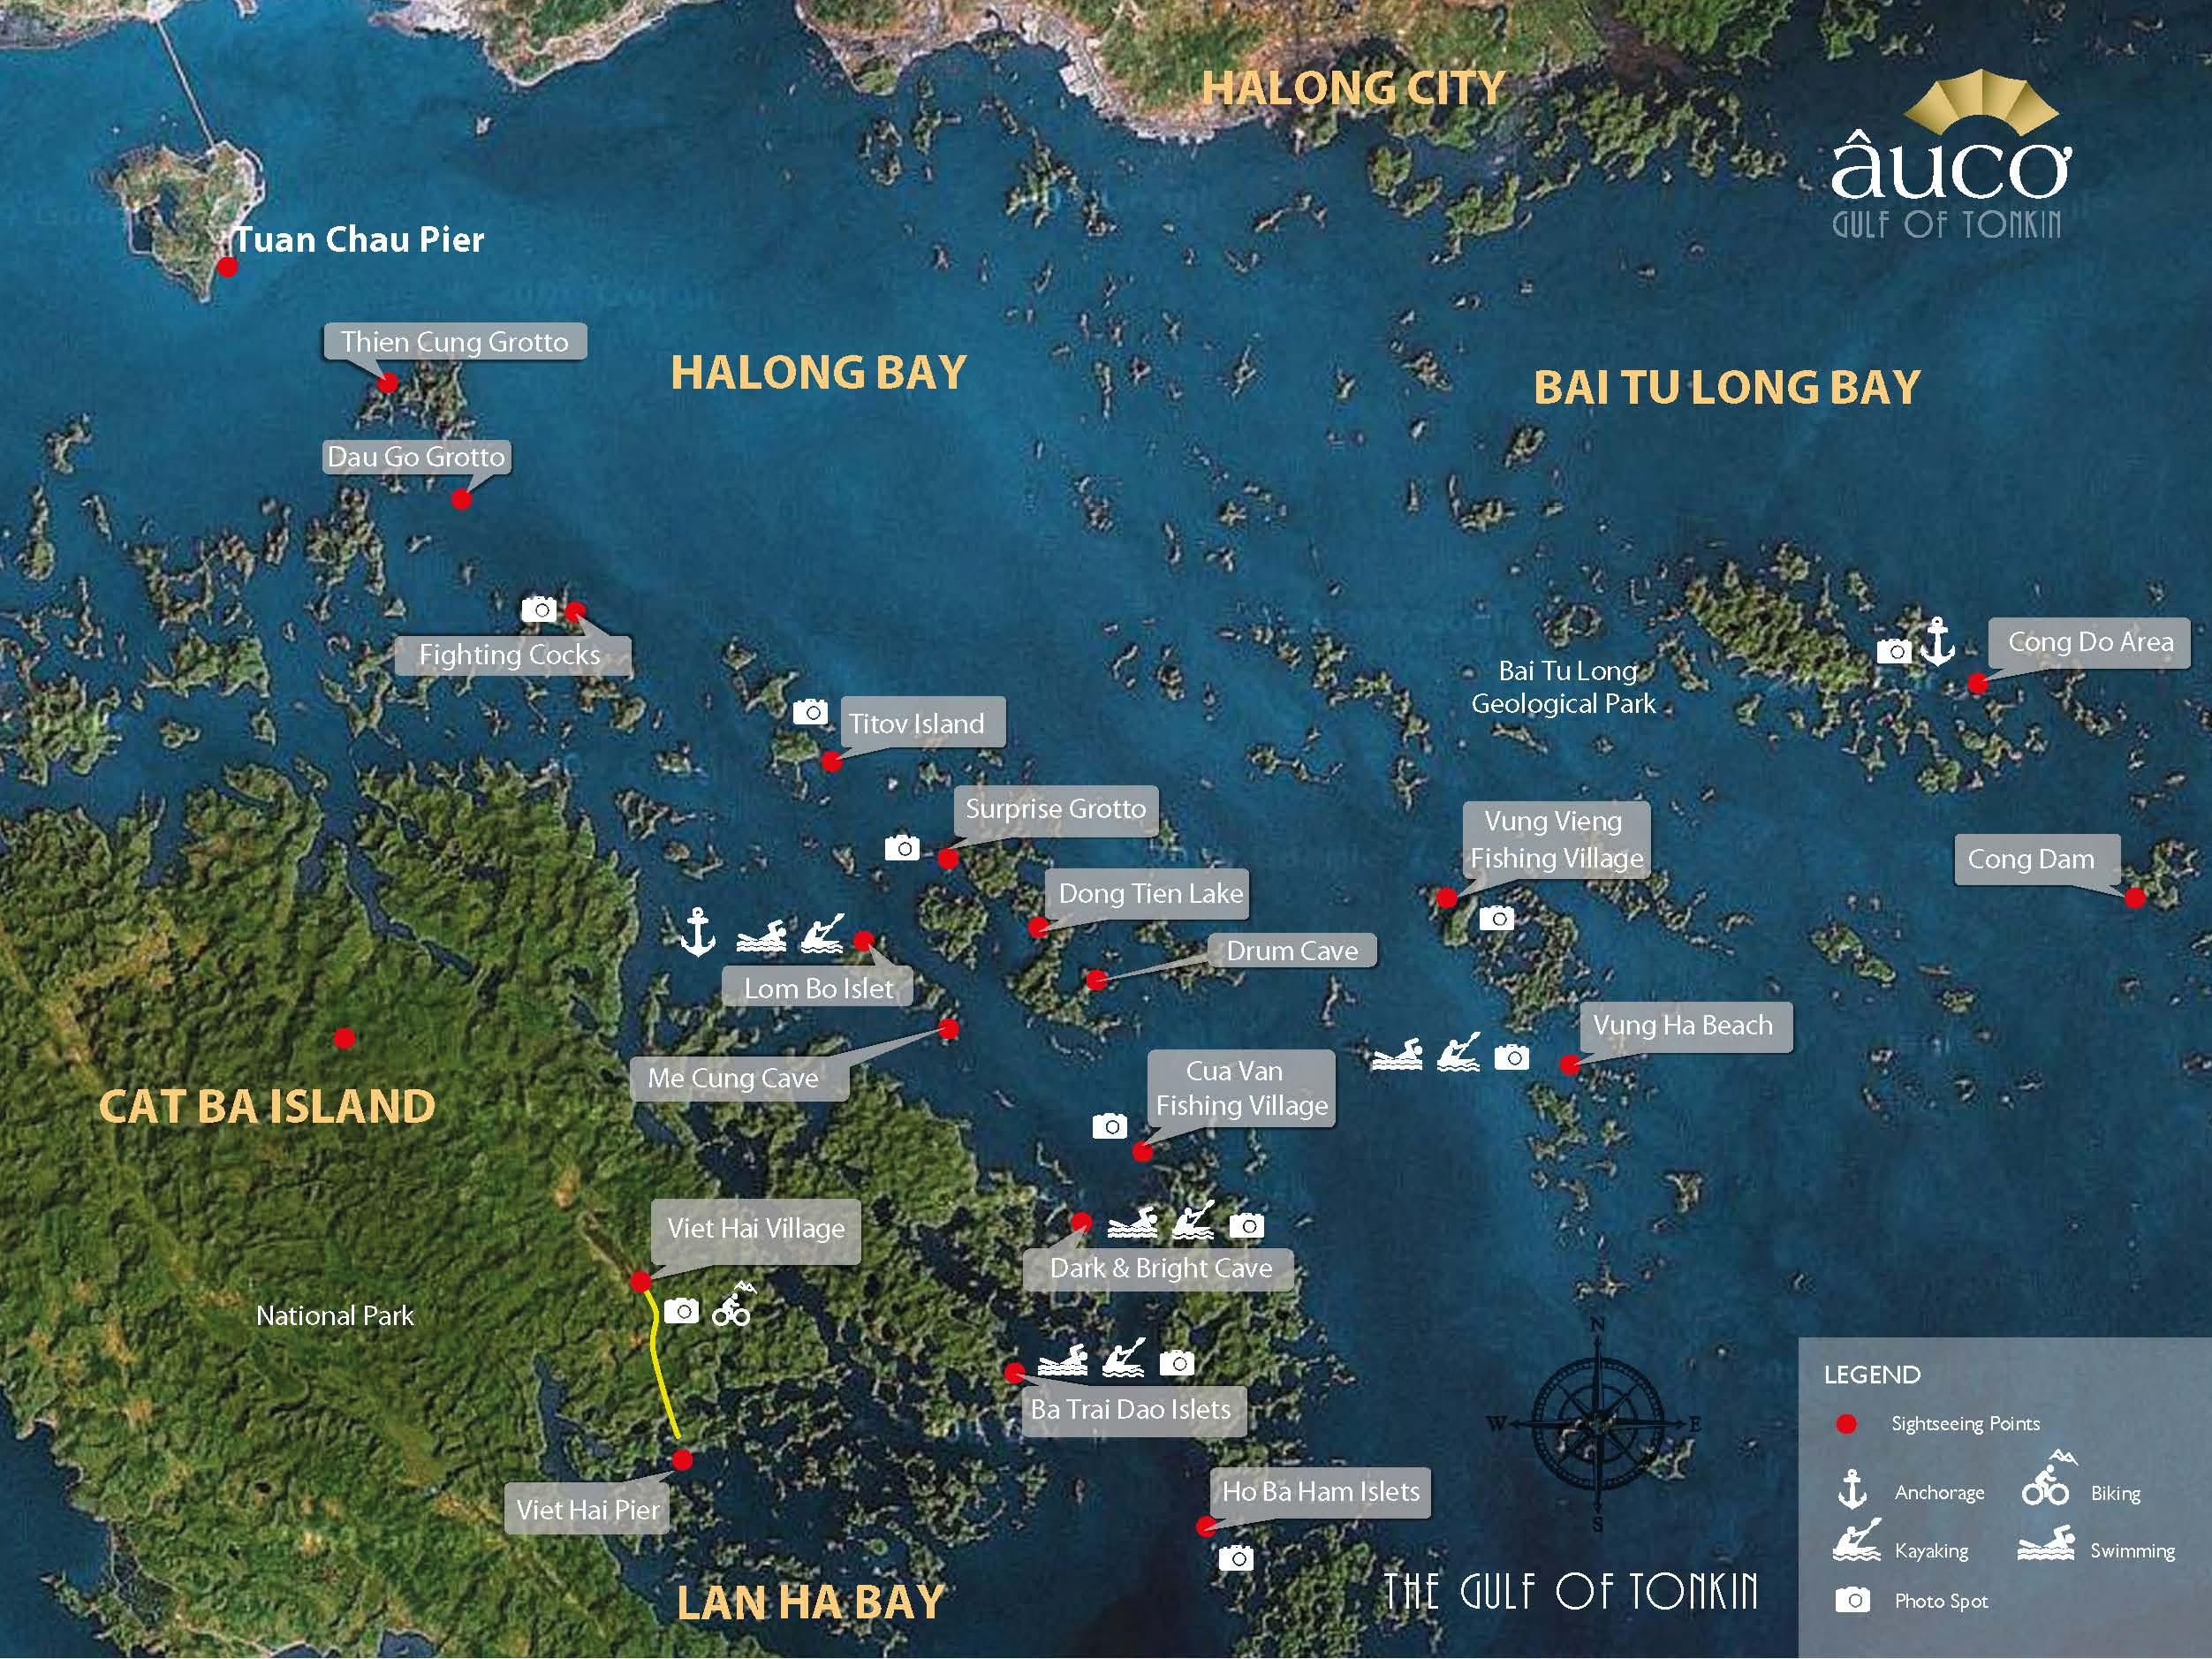 Mapa das ilhas, cavernas, praias, vilarejos e outras atrações em Halong Bay | fonte: Au Co Cruises